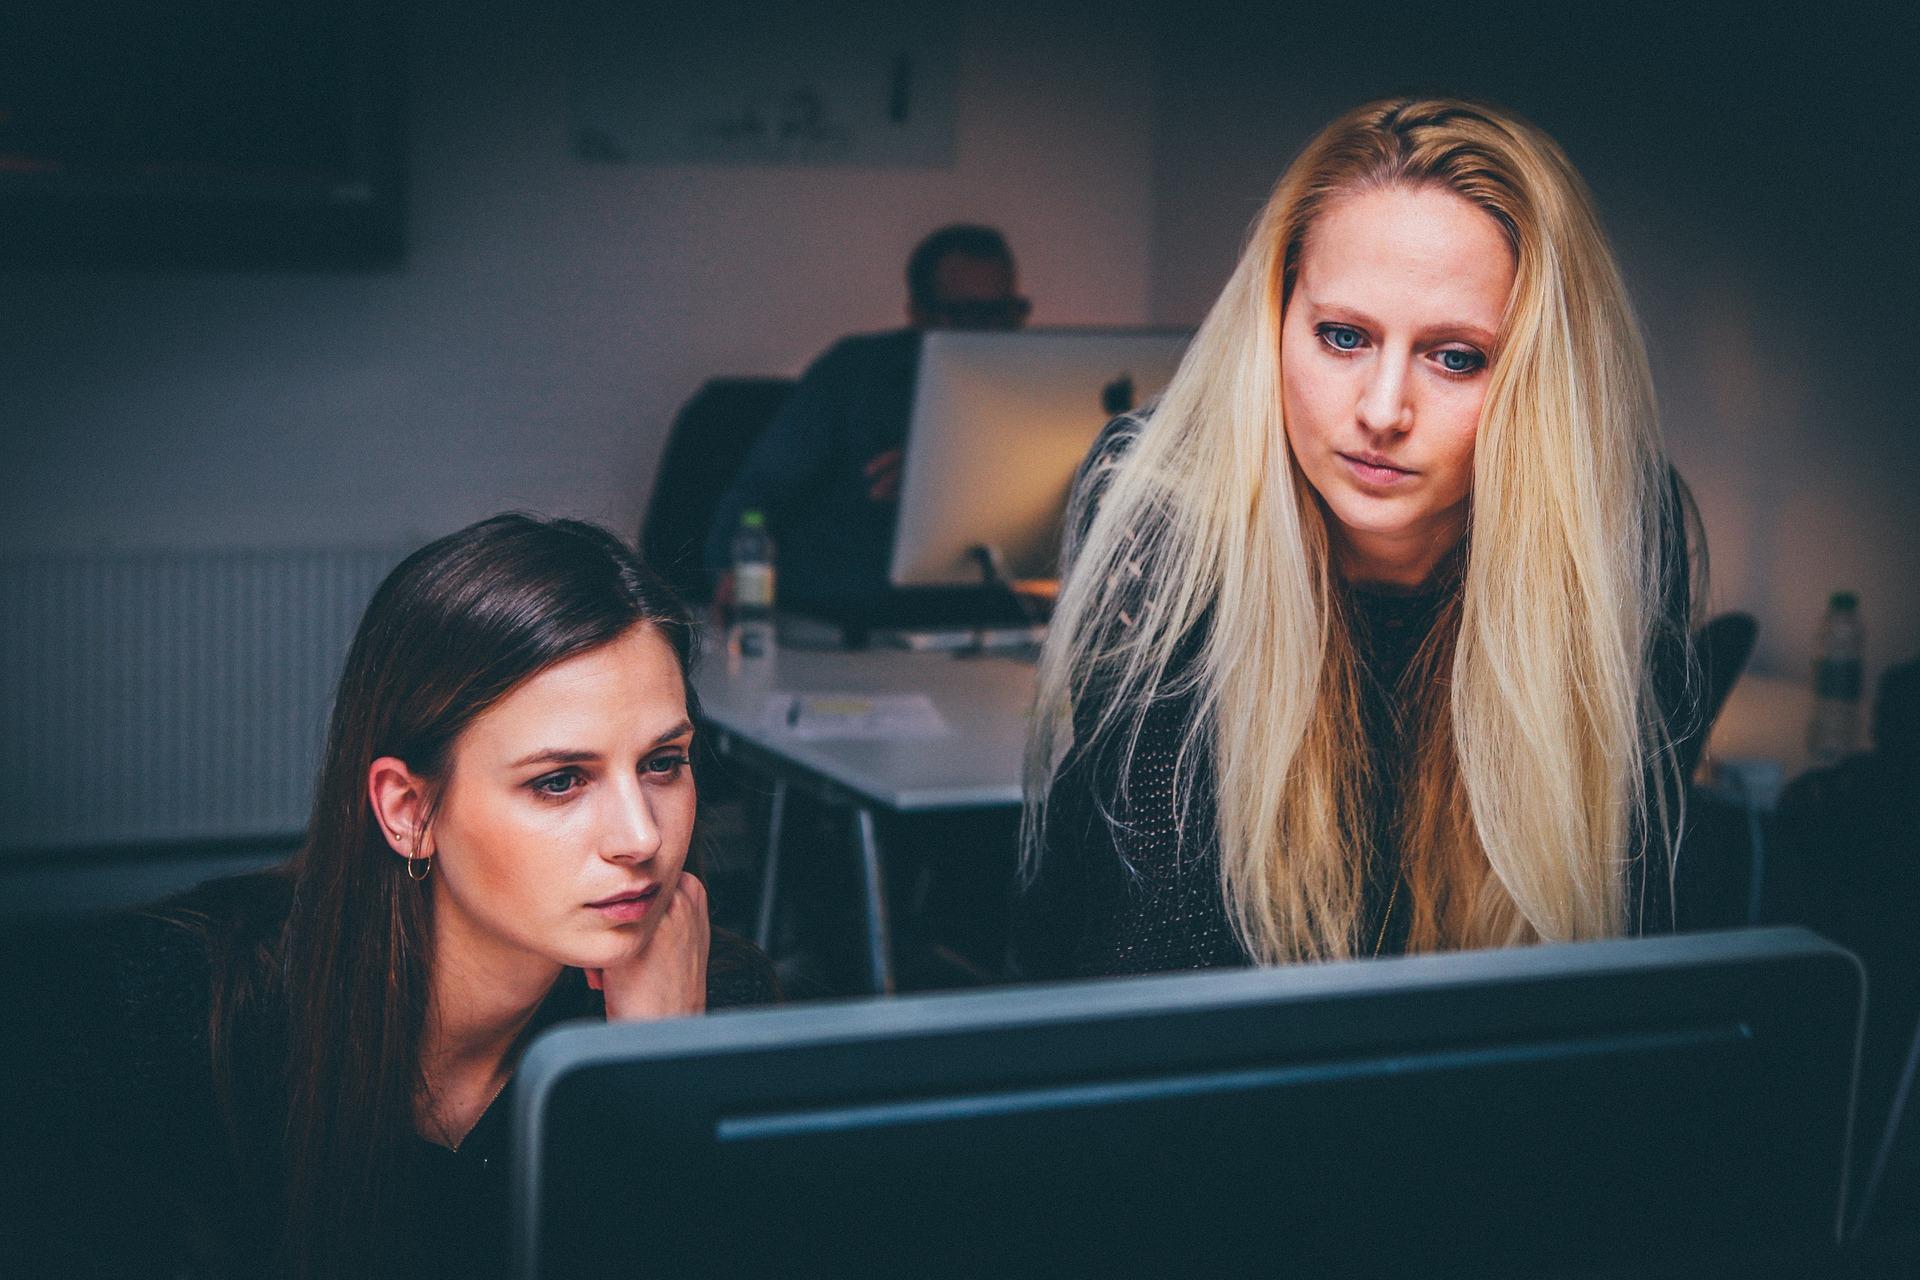 психология отношений между коллегами